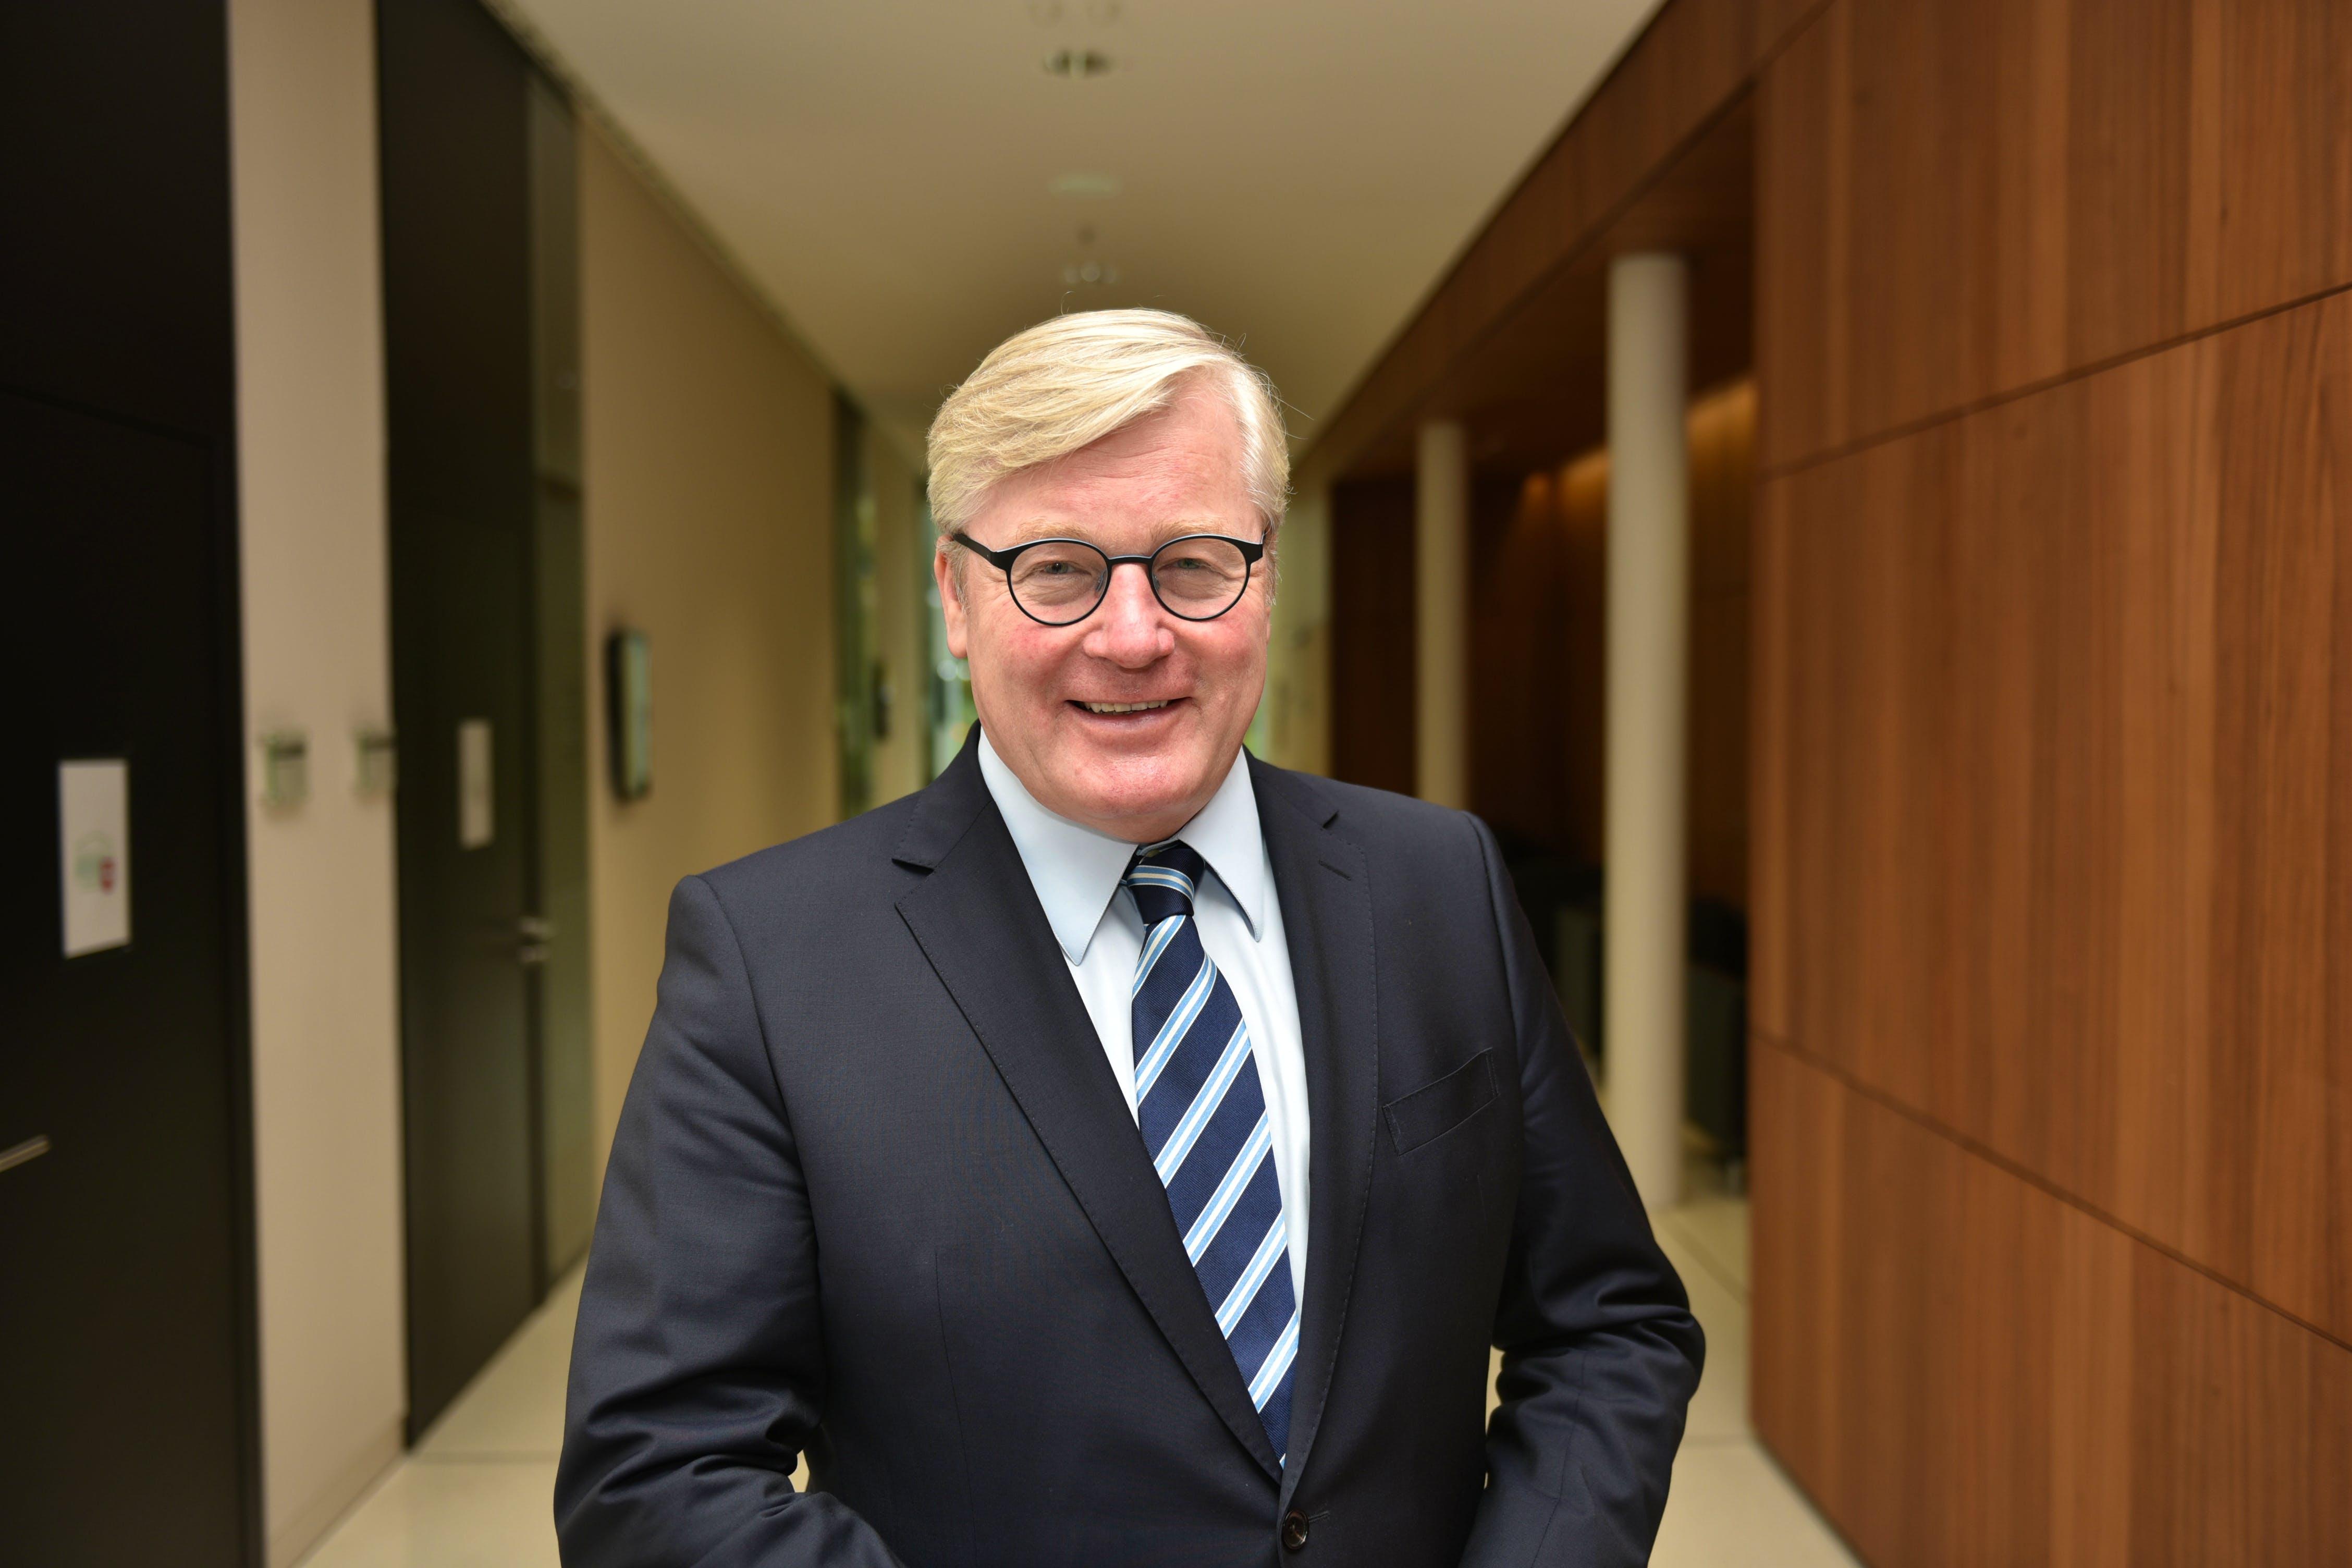 Herr Minister Dr. Althusmann